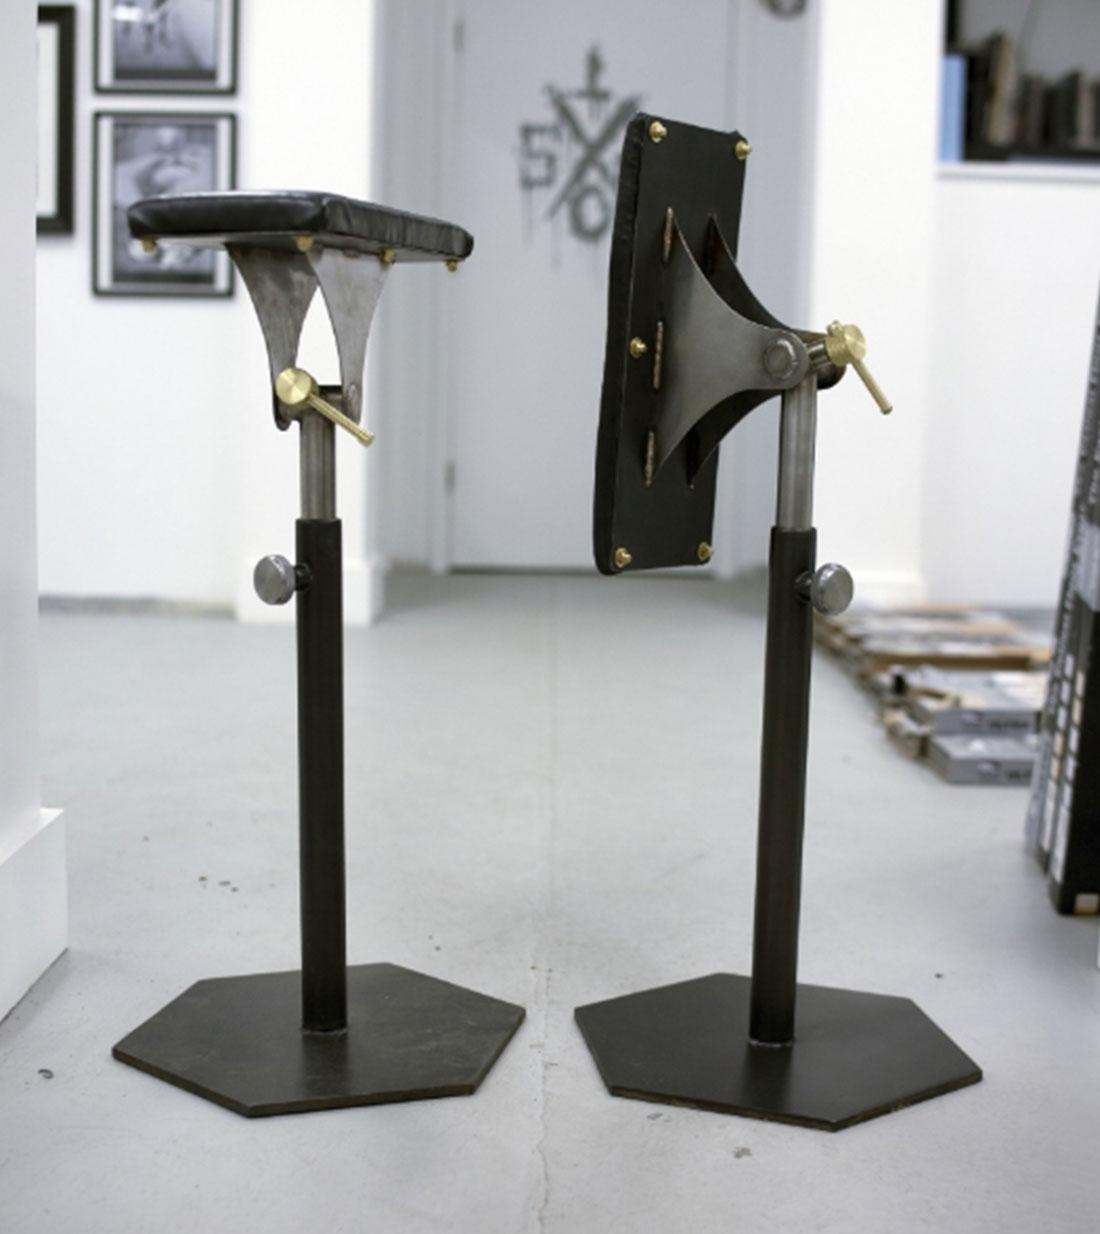 armstands